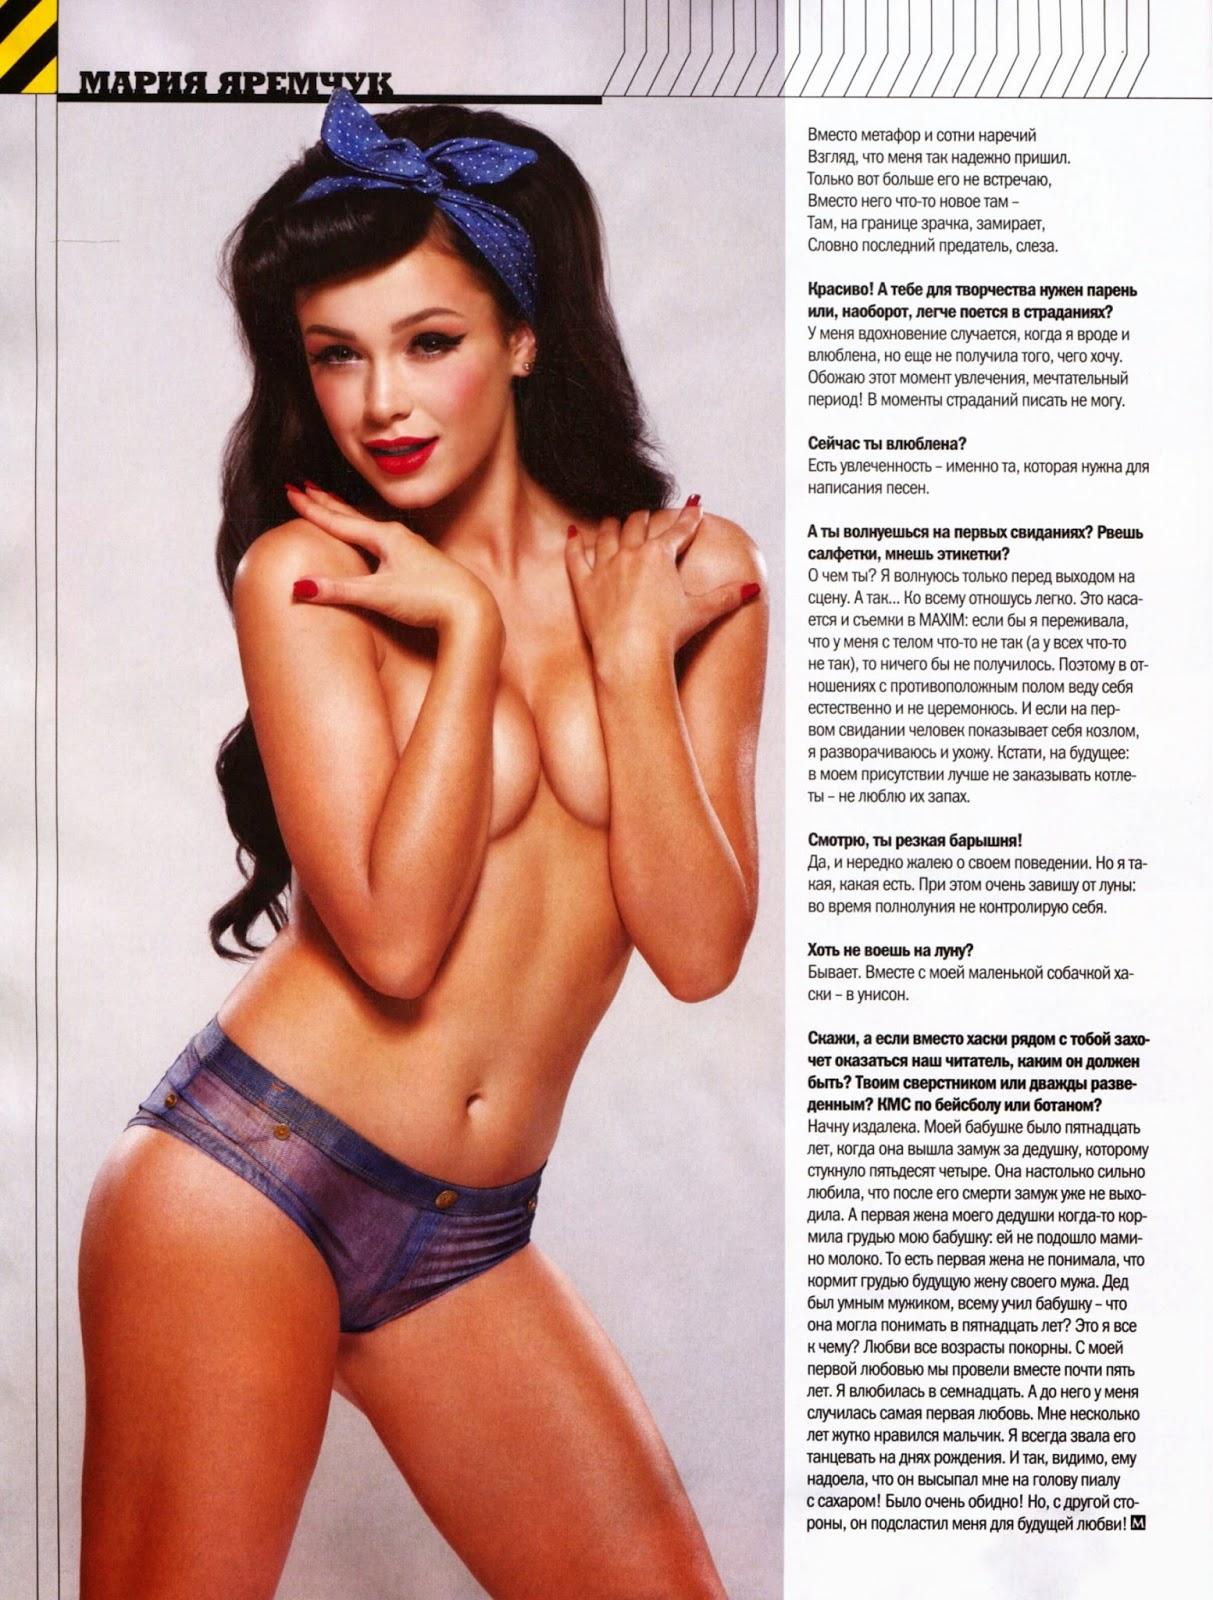 Порно зірки естради знаменитості росії і україни 6